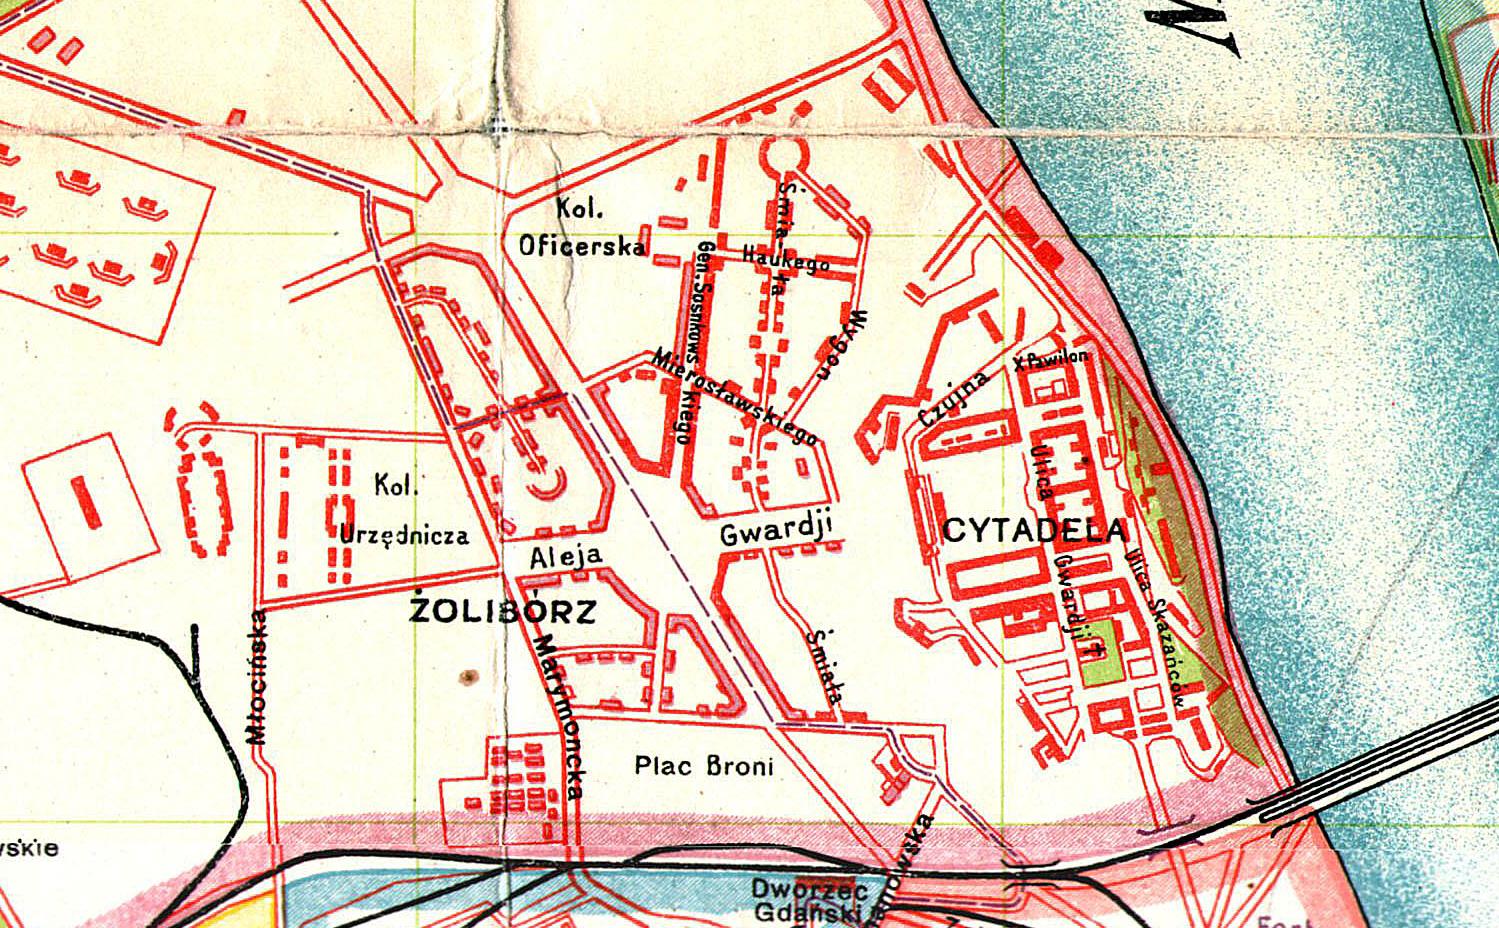 Wycinek z planu Warszawy z roku 1924 autorstwa WIG, fot. mapywig.org